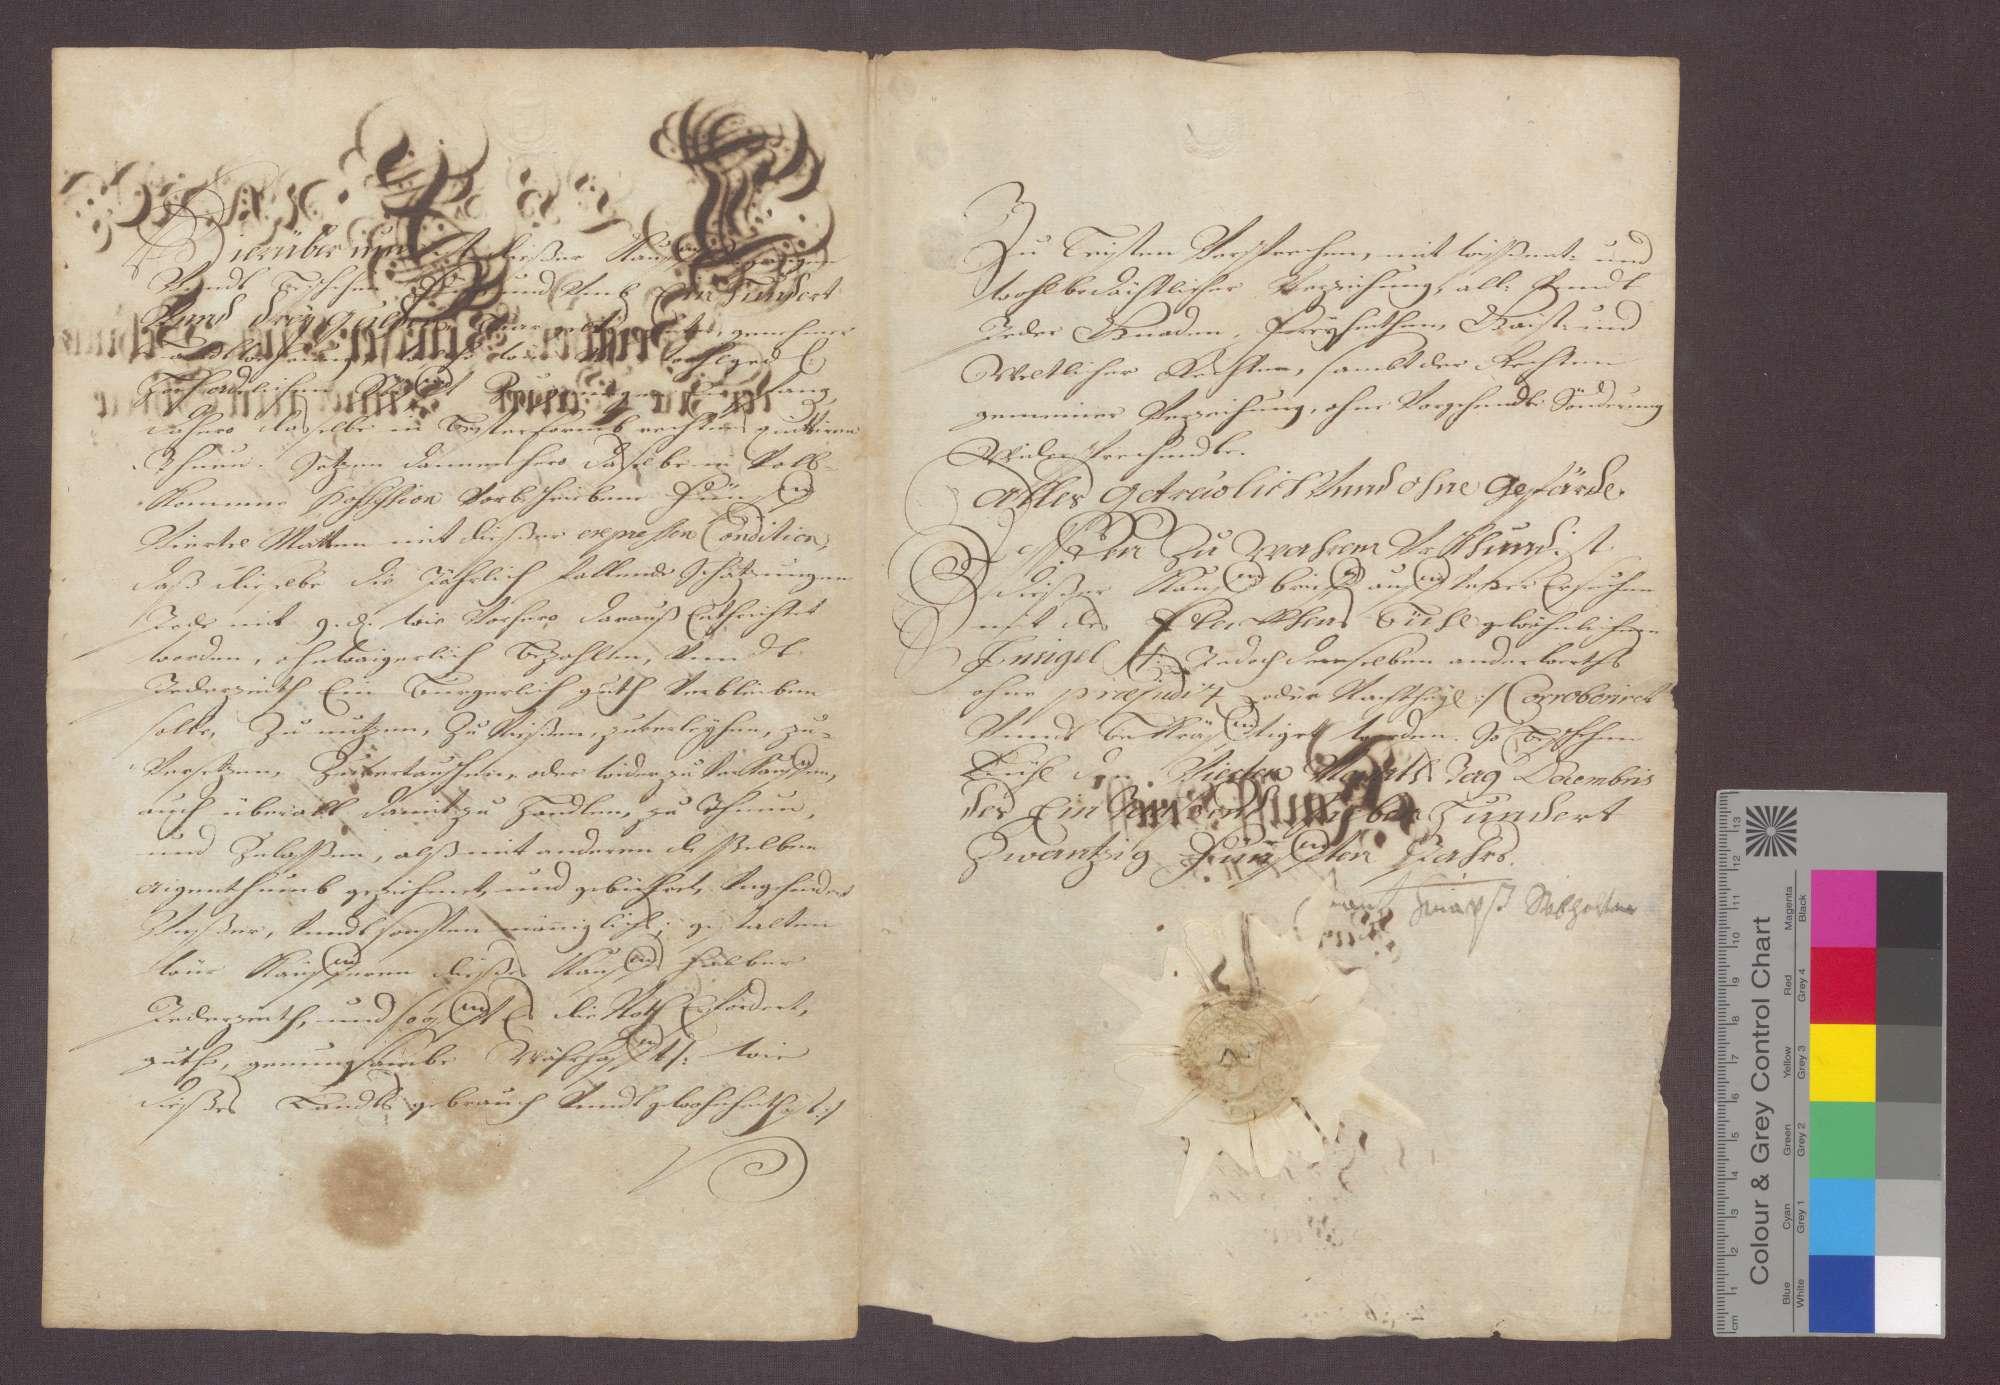 Franz Seiter, Bürger und Schneider zu Kappelwindeck verkauft dem Kloster Frauenalb um 103 Gulden 5 Viertel Matten auf der Weidmatte zu Kappel., Bild 2